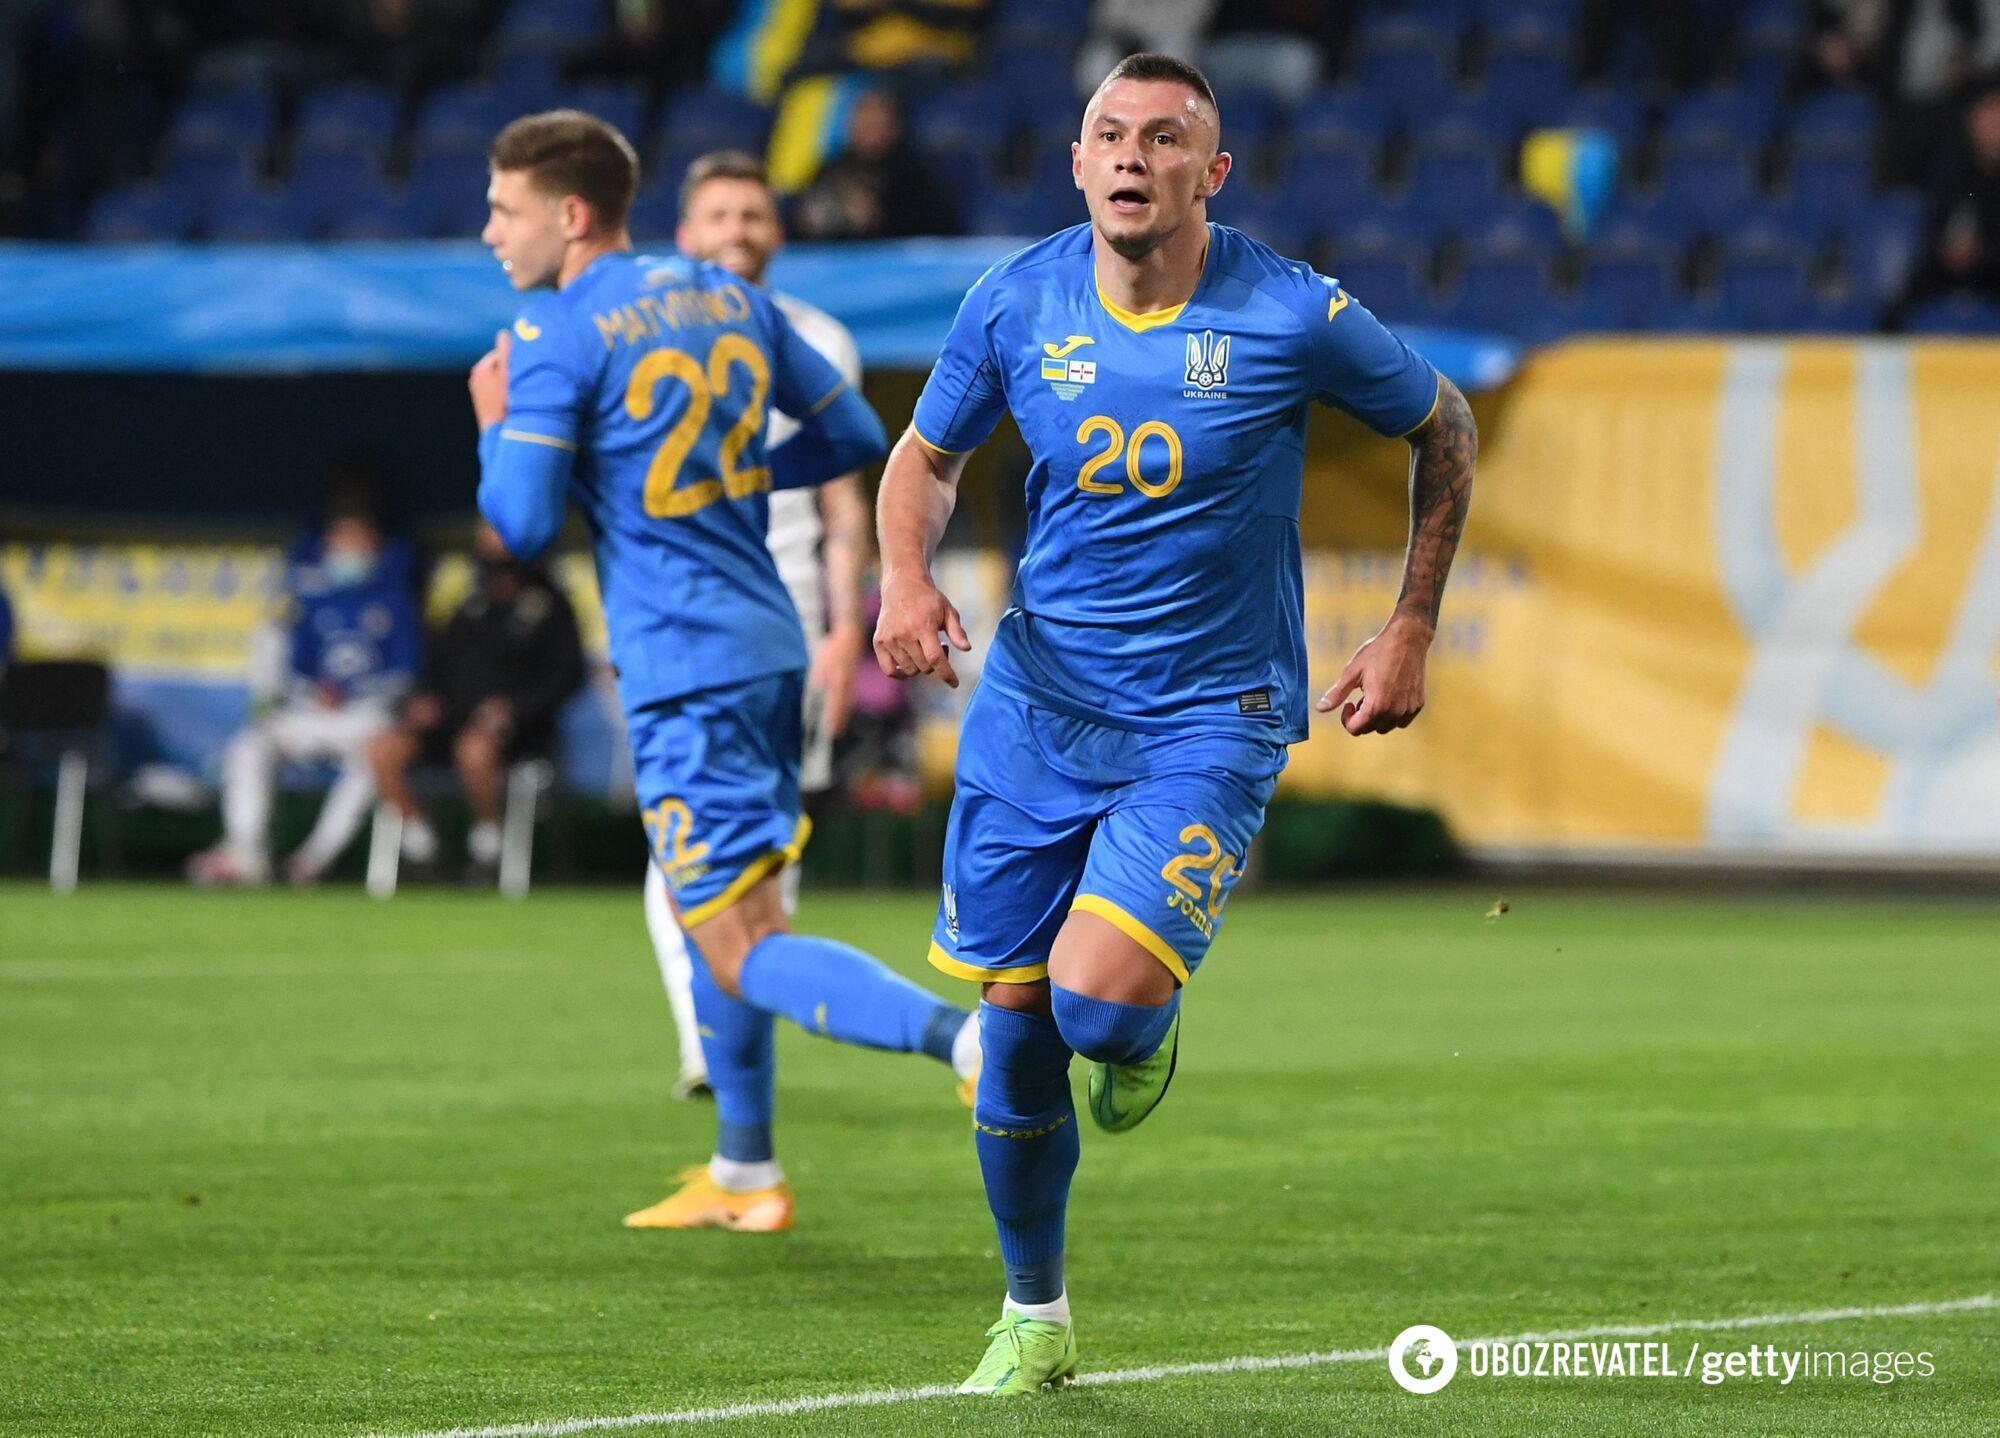 Олександр Зубков забив дебютний м'яч за збірну